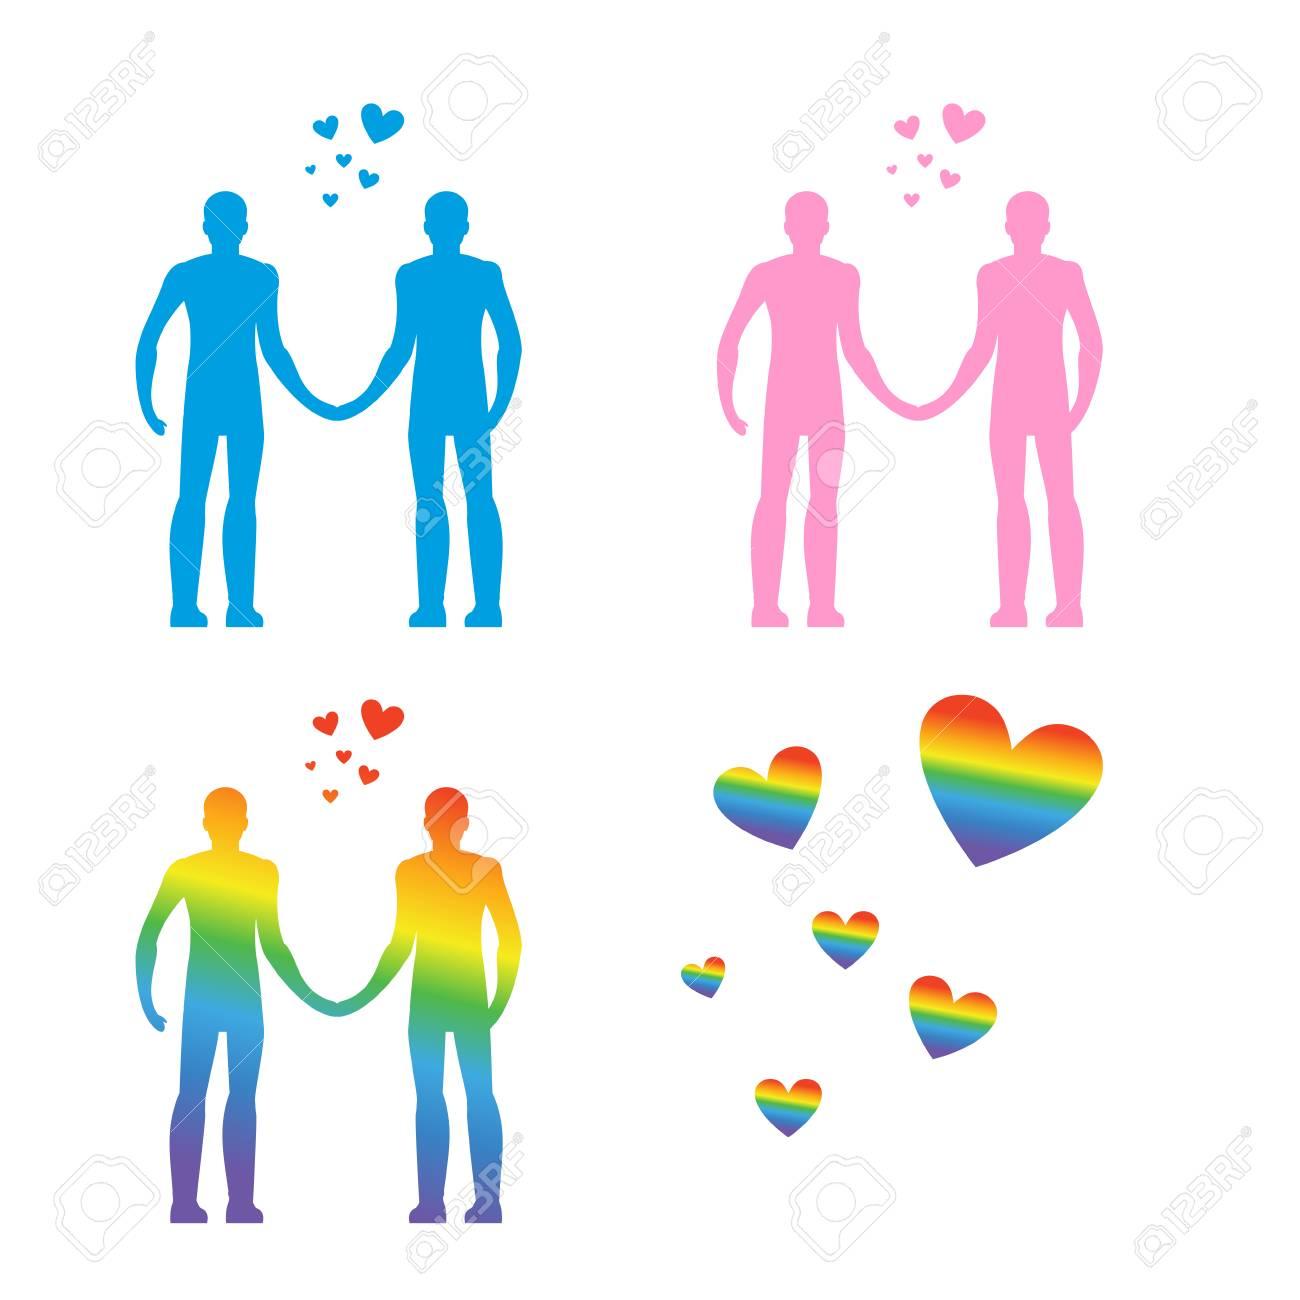 Sexe lesbien et amour